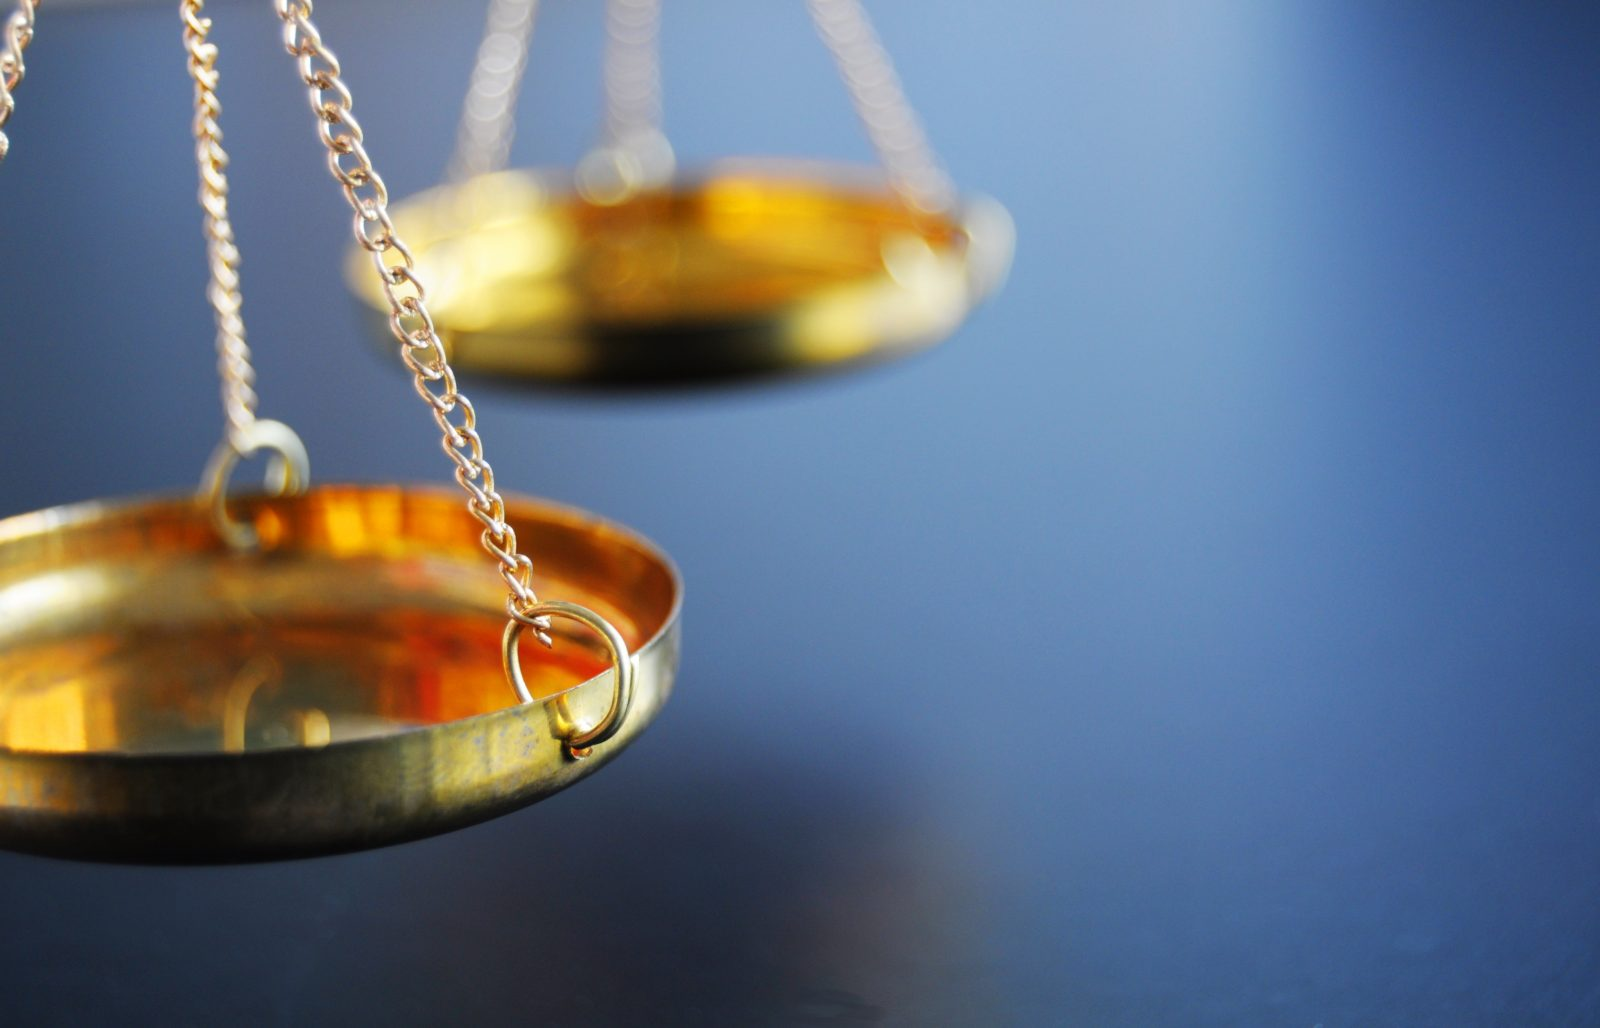 Procès d'Alain Ruel : Le verdict sera prononcé le 7 février